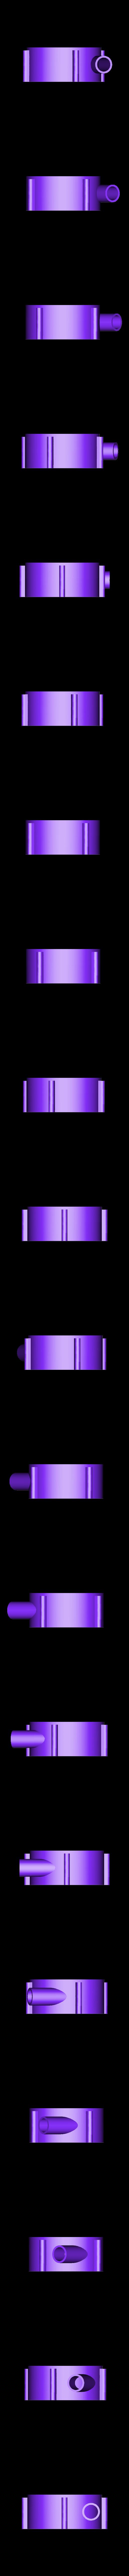 Body.stl Télécharger fichier STL gratuit Pompe à eau pour boîte de vitesses V8 • Objet pour imprimante 3D, LetsPrintYT